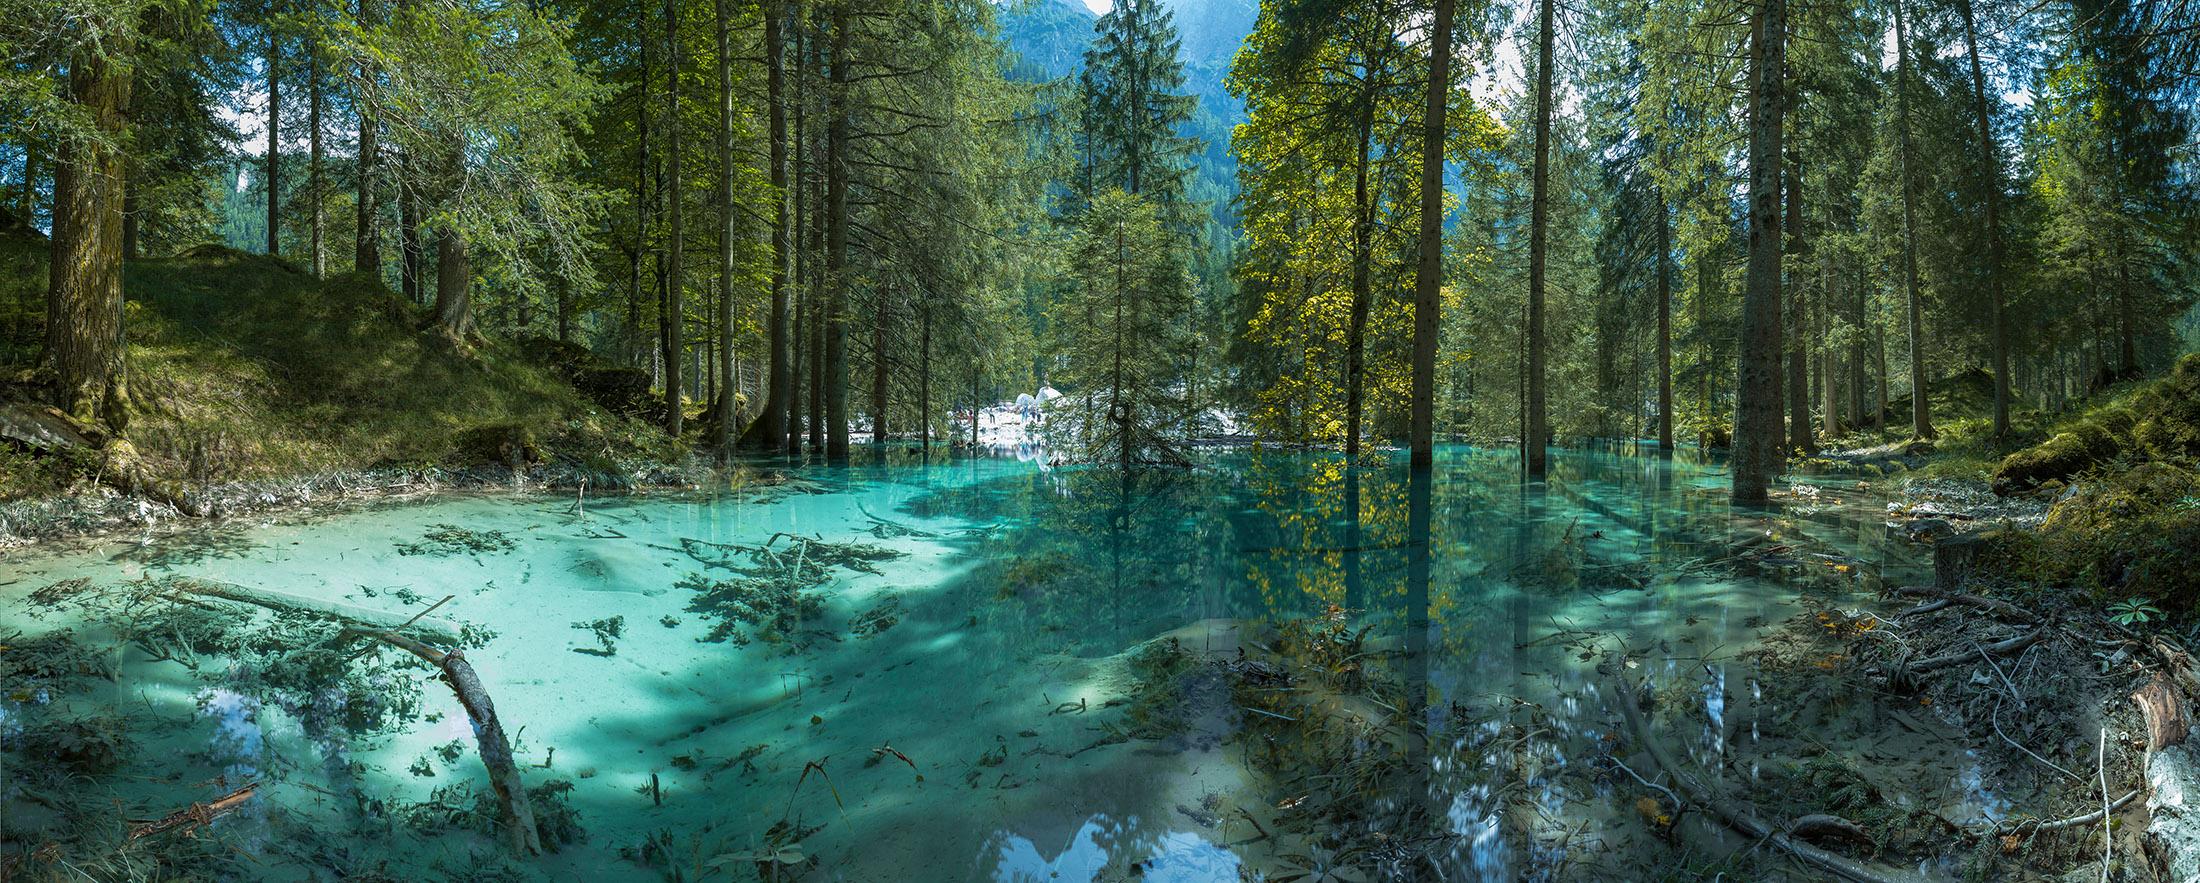 Oase_Landschaft_Natur